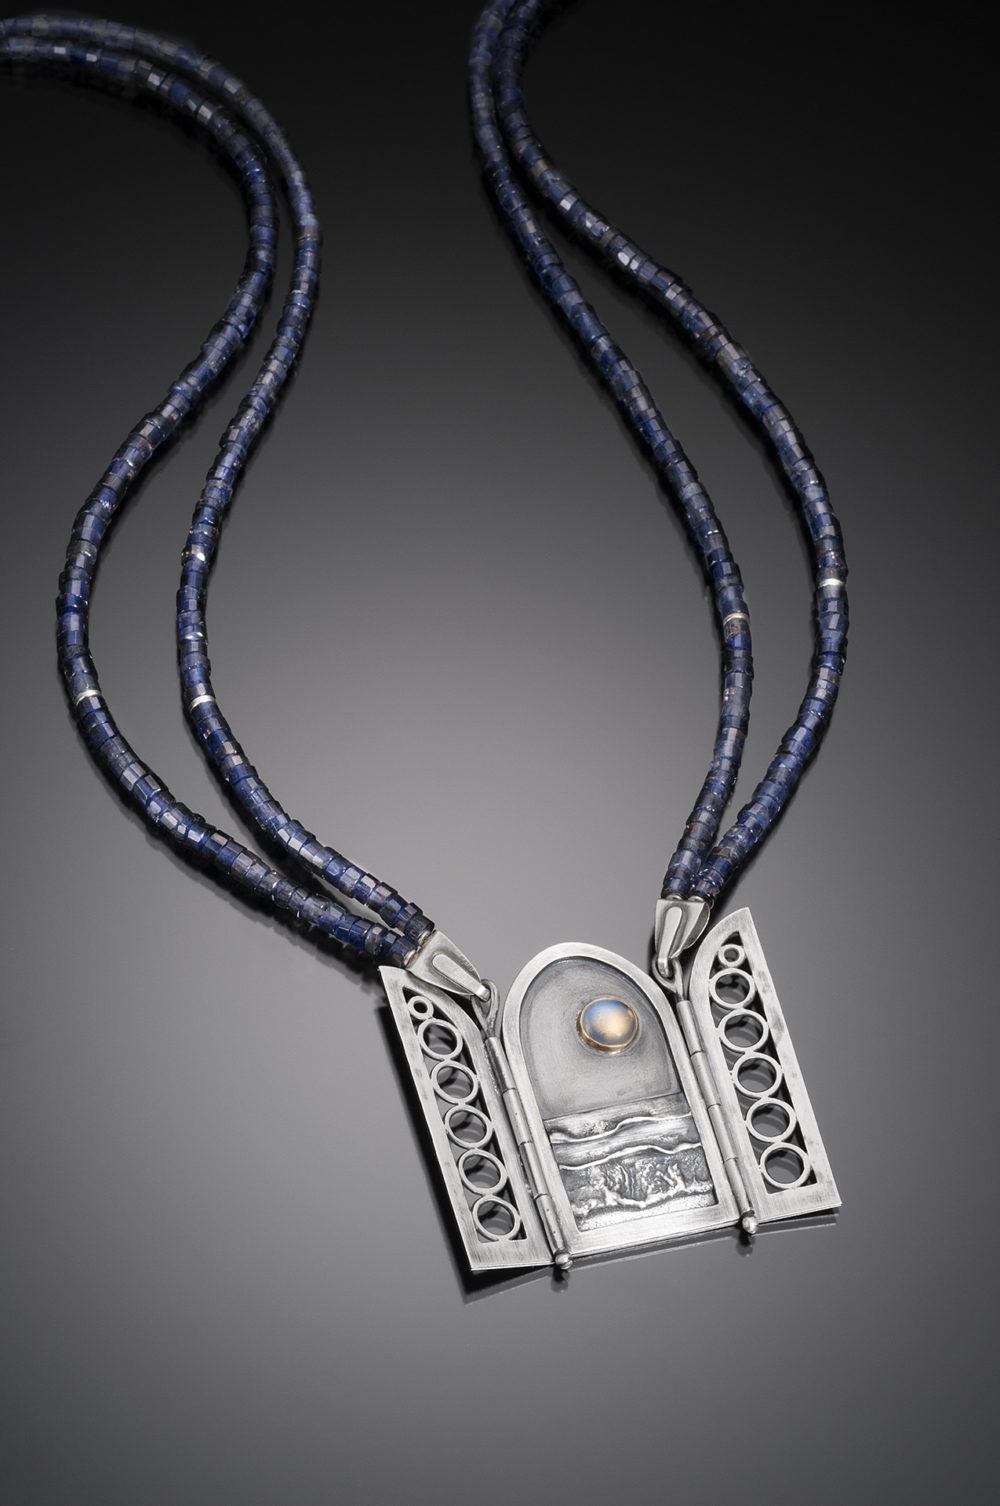 NISA Jewelry Moonlit Ocean Necklace, open